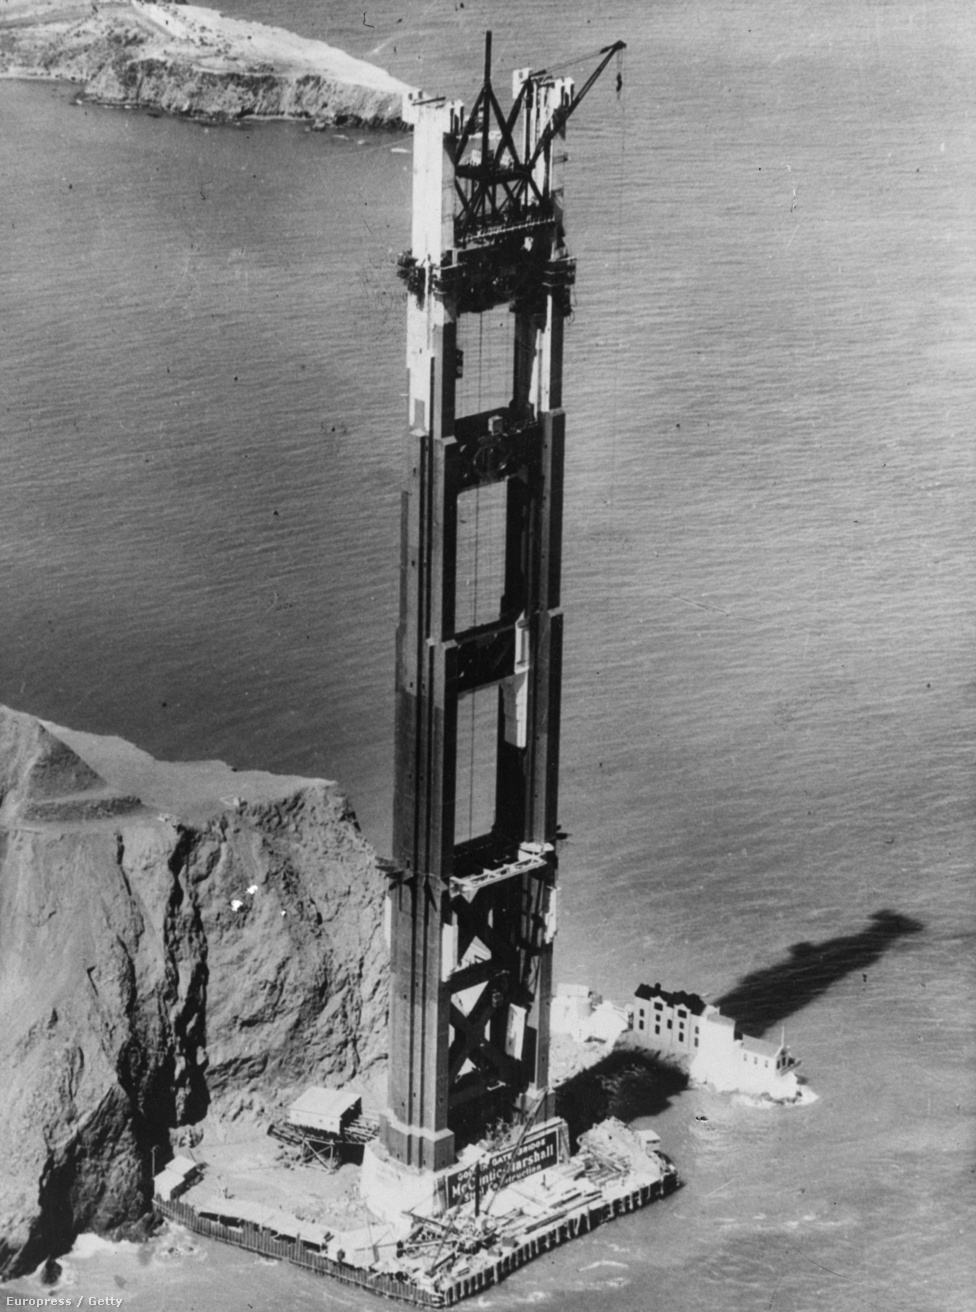 1935. Az épülőfélben lévő híd egyik pillére. Az öböl bejáratát egyébként már a híd építése előtt is Golden Gate-nek, vagyis                         aranyhídnak nevezték. A név pontos eredete nem ismert, valószínűleg az                         1850-es évek nagy kaliforniai aranylázának idején ragadt rá. Az                         eredeti neve az első erre járó spanyol telepesek nyomán Boca del                         Puerto de San Francisco volt.